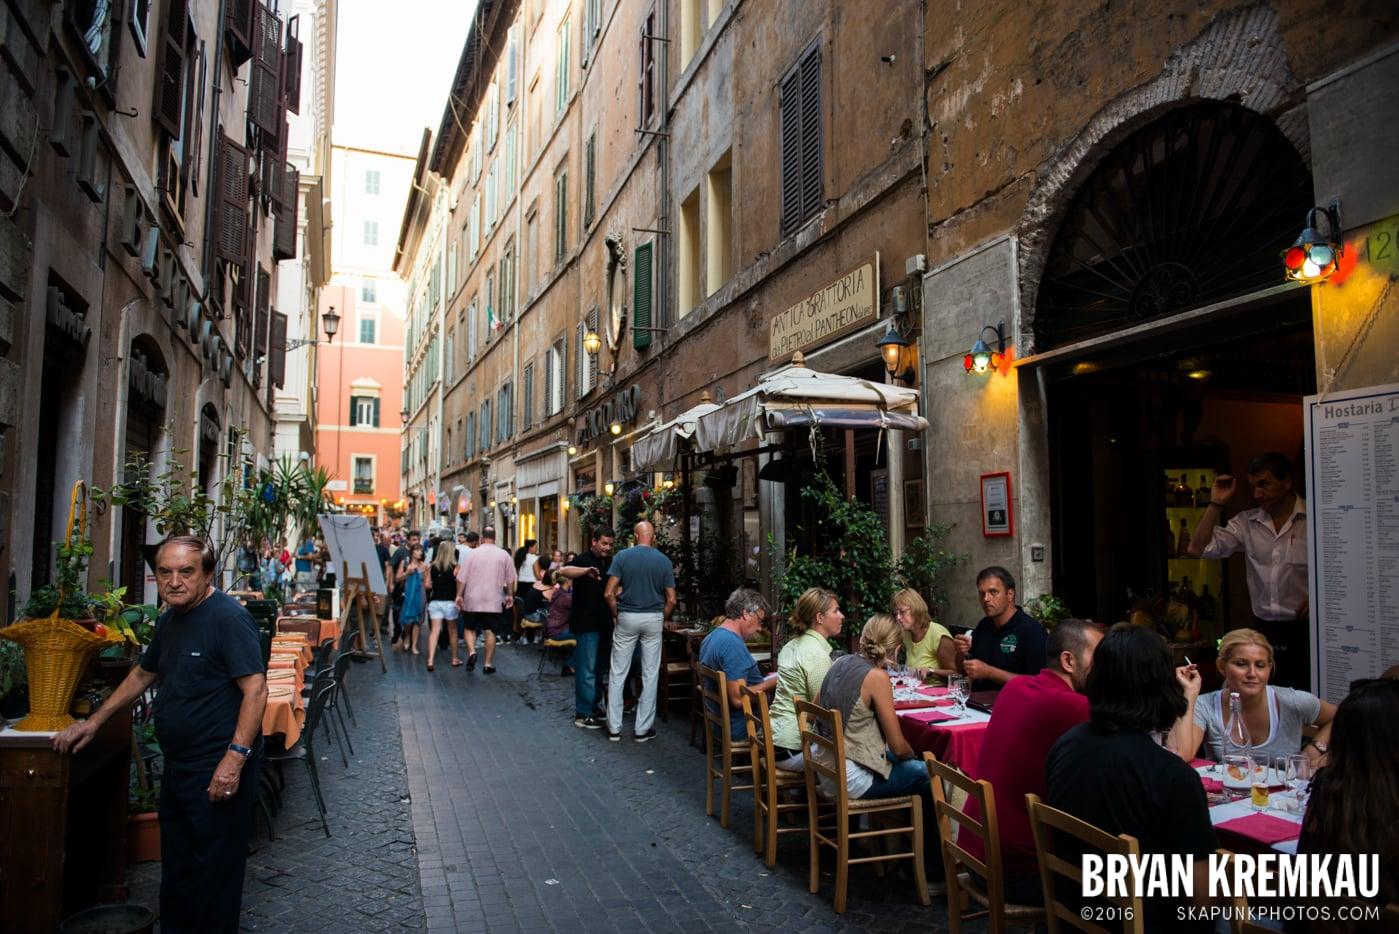 Italy Vacation - Day 1: Rome - 9.9.13 (34)